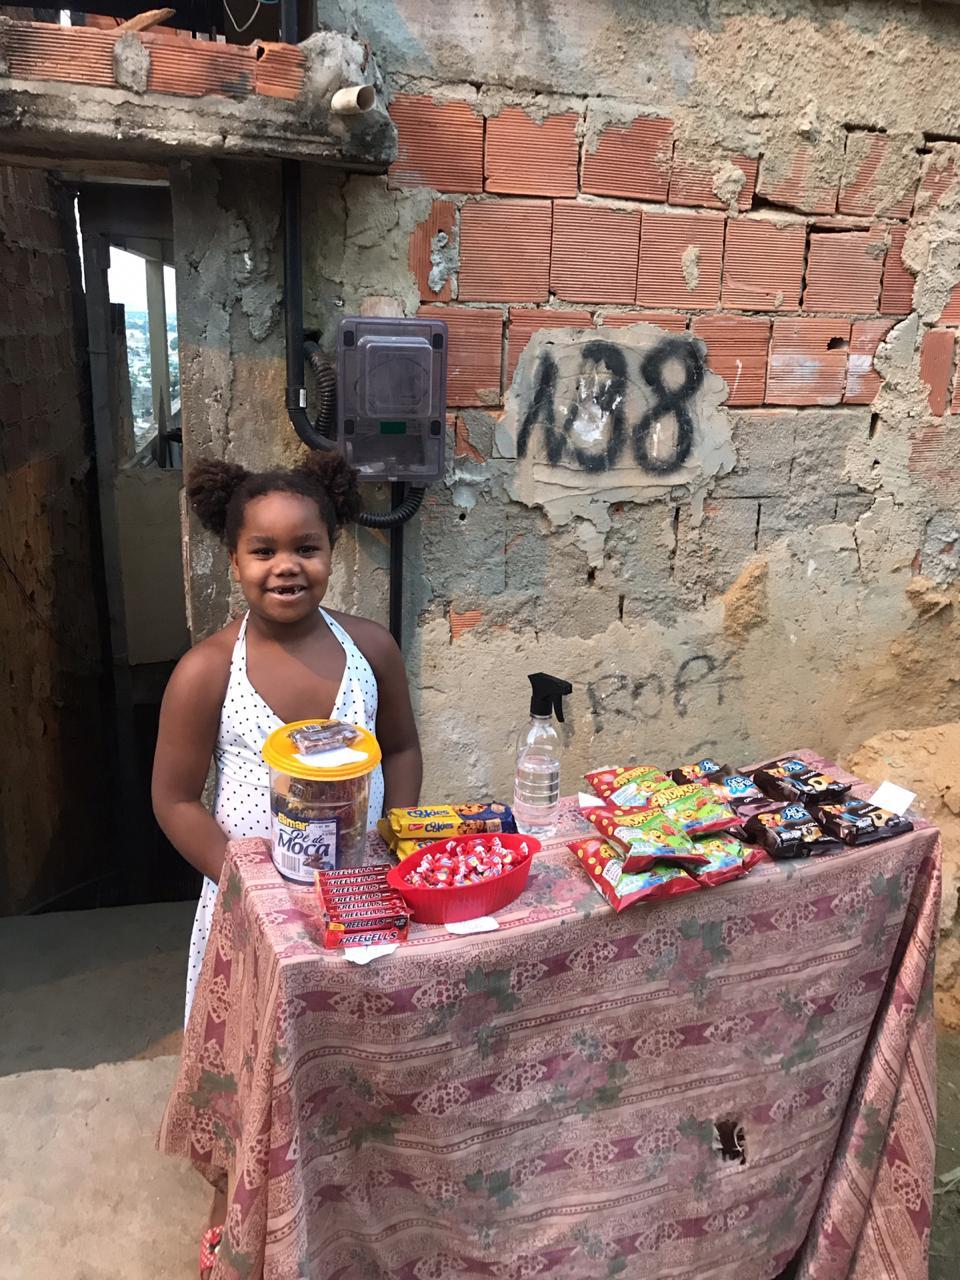 Barraca da Lulu: menina de 7 anos faz sucesso na internet com o seu primeiro negócio